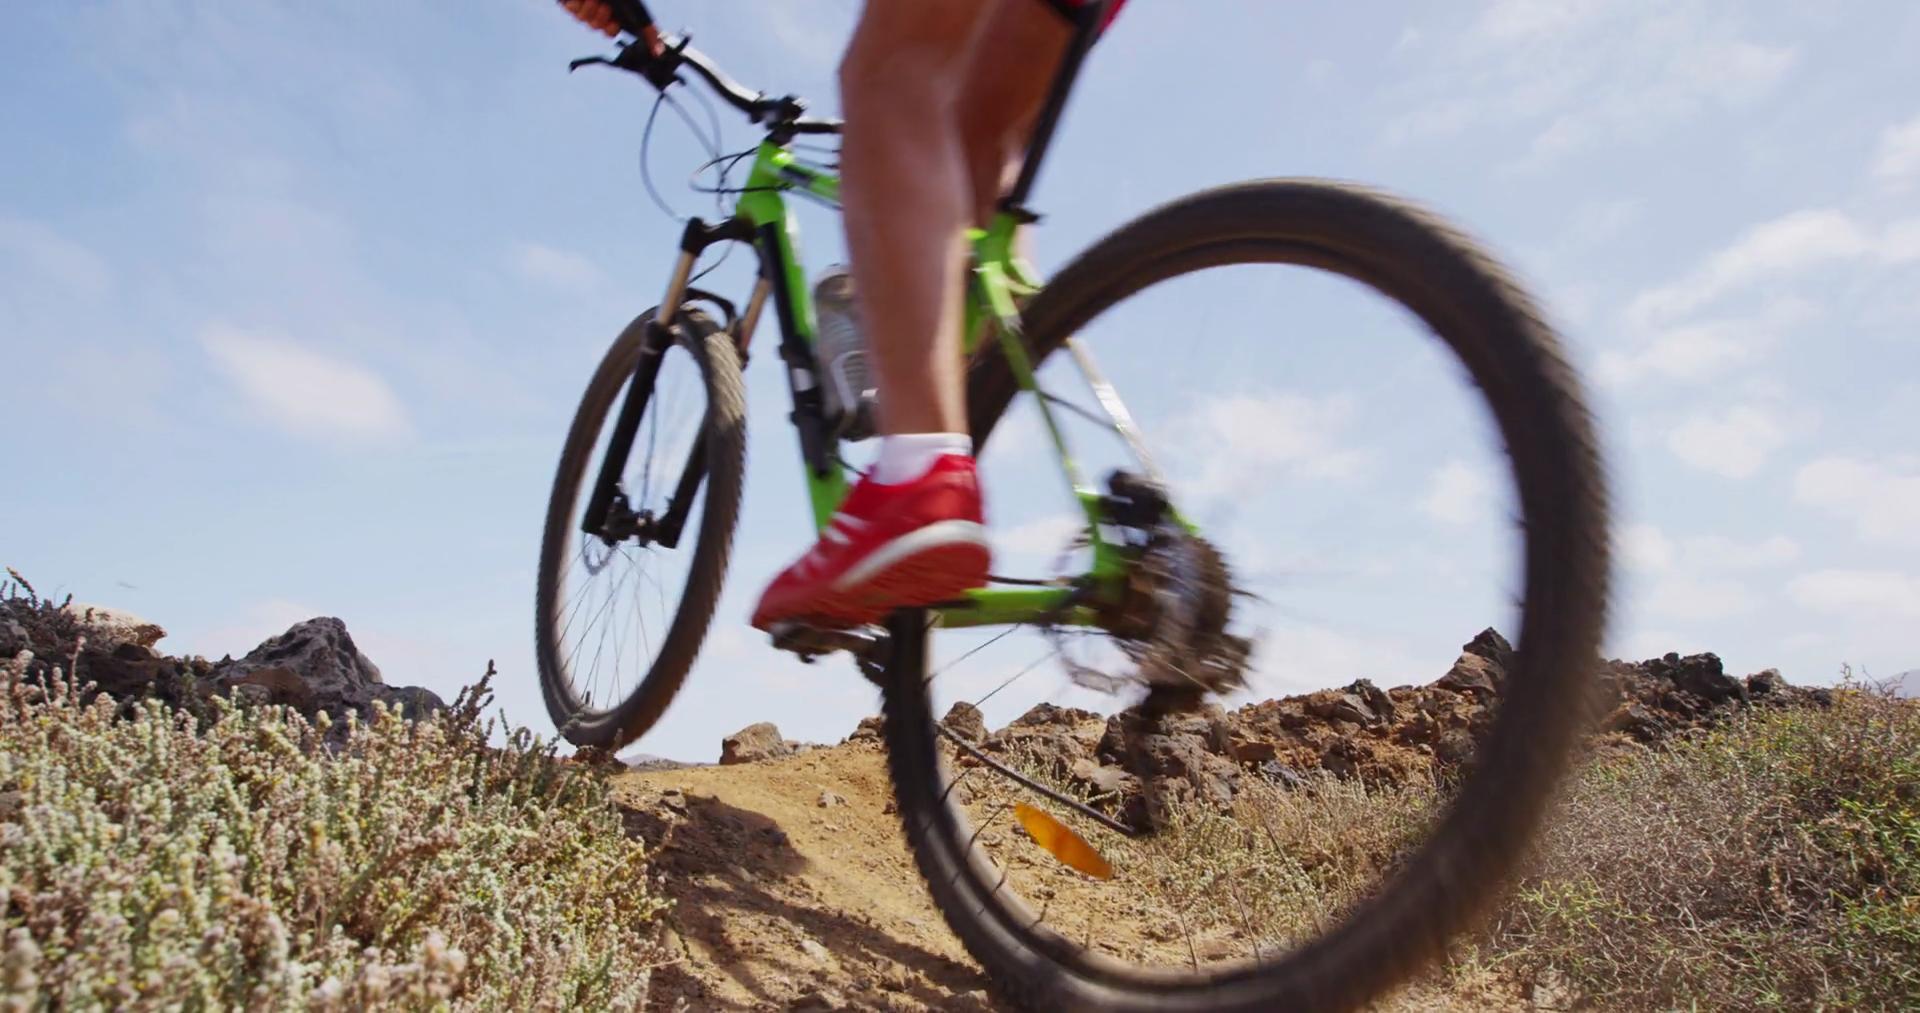 Mountain biker biking in slow motion on MTB mountain biking trail ...